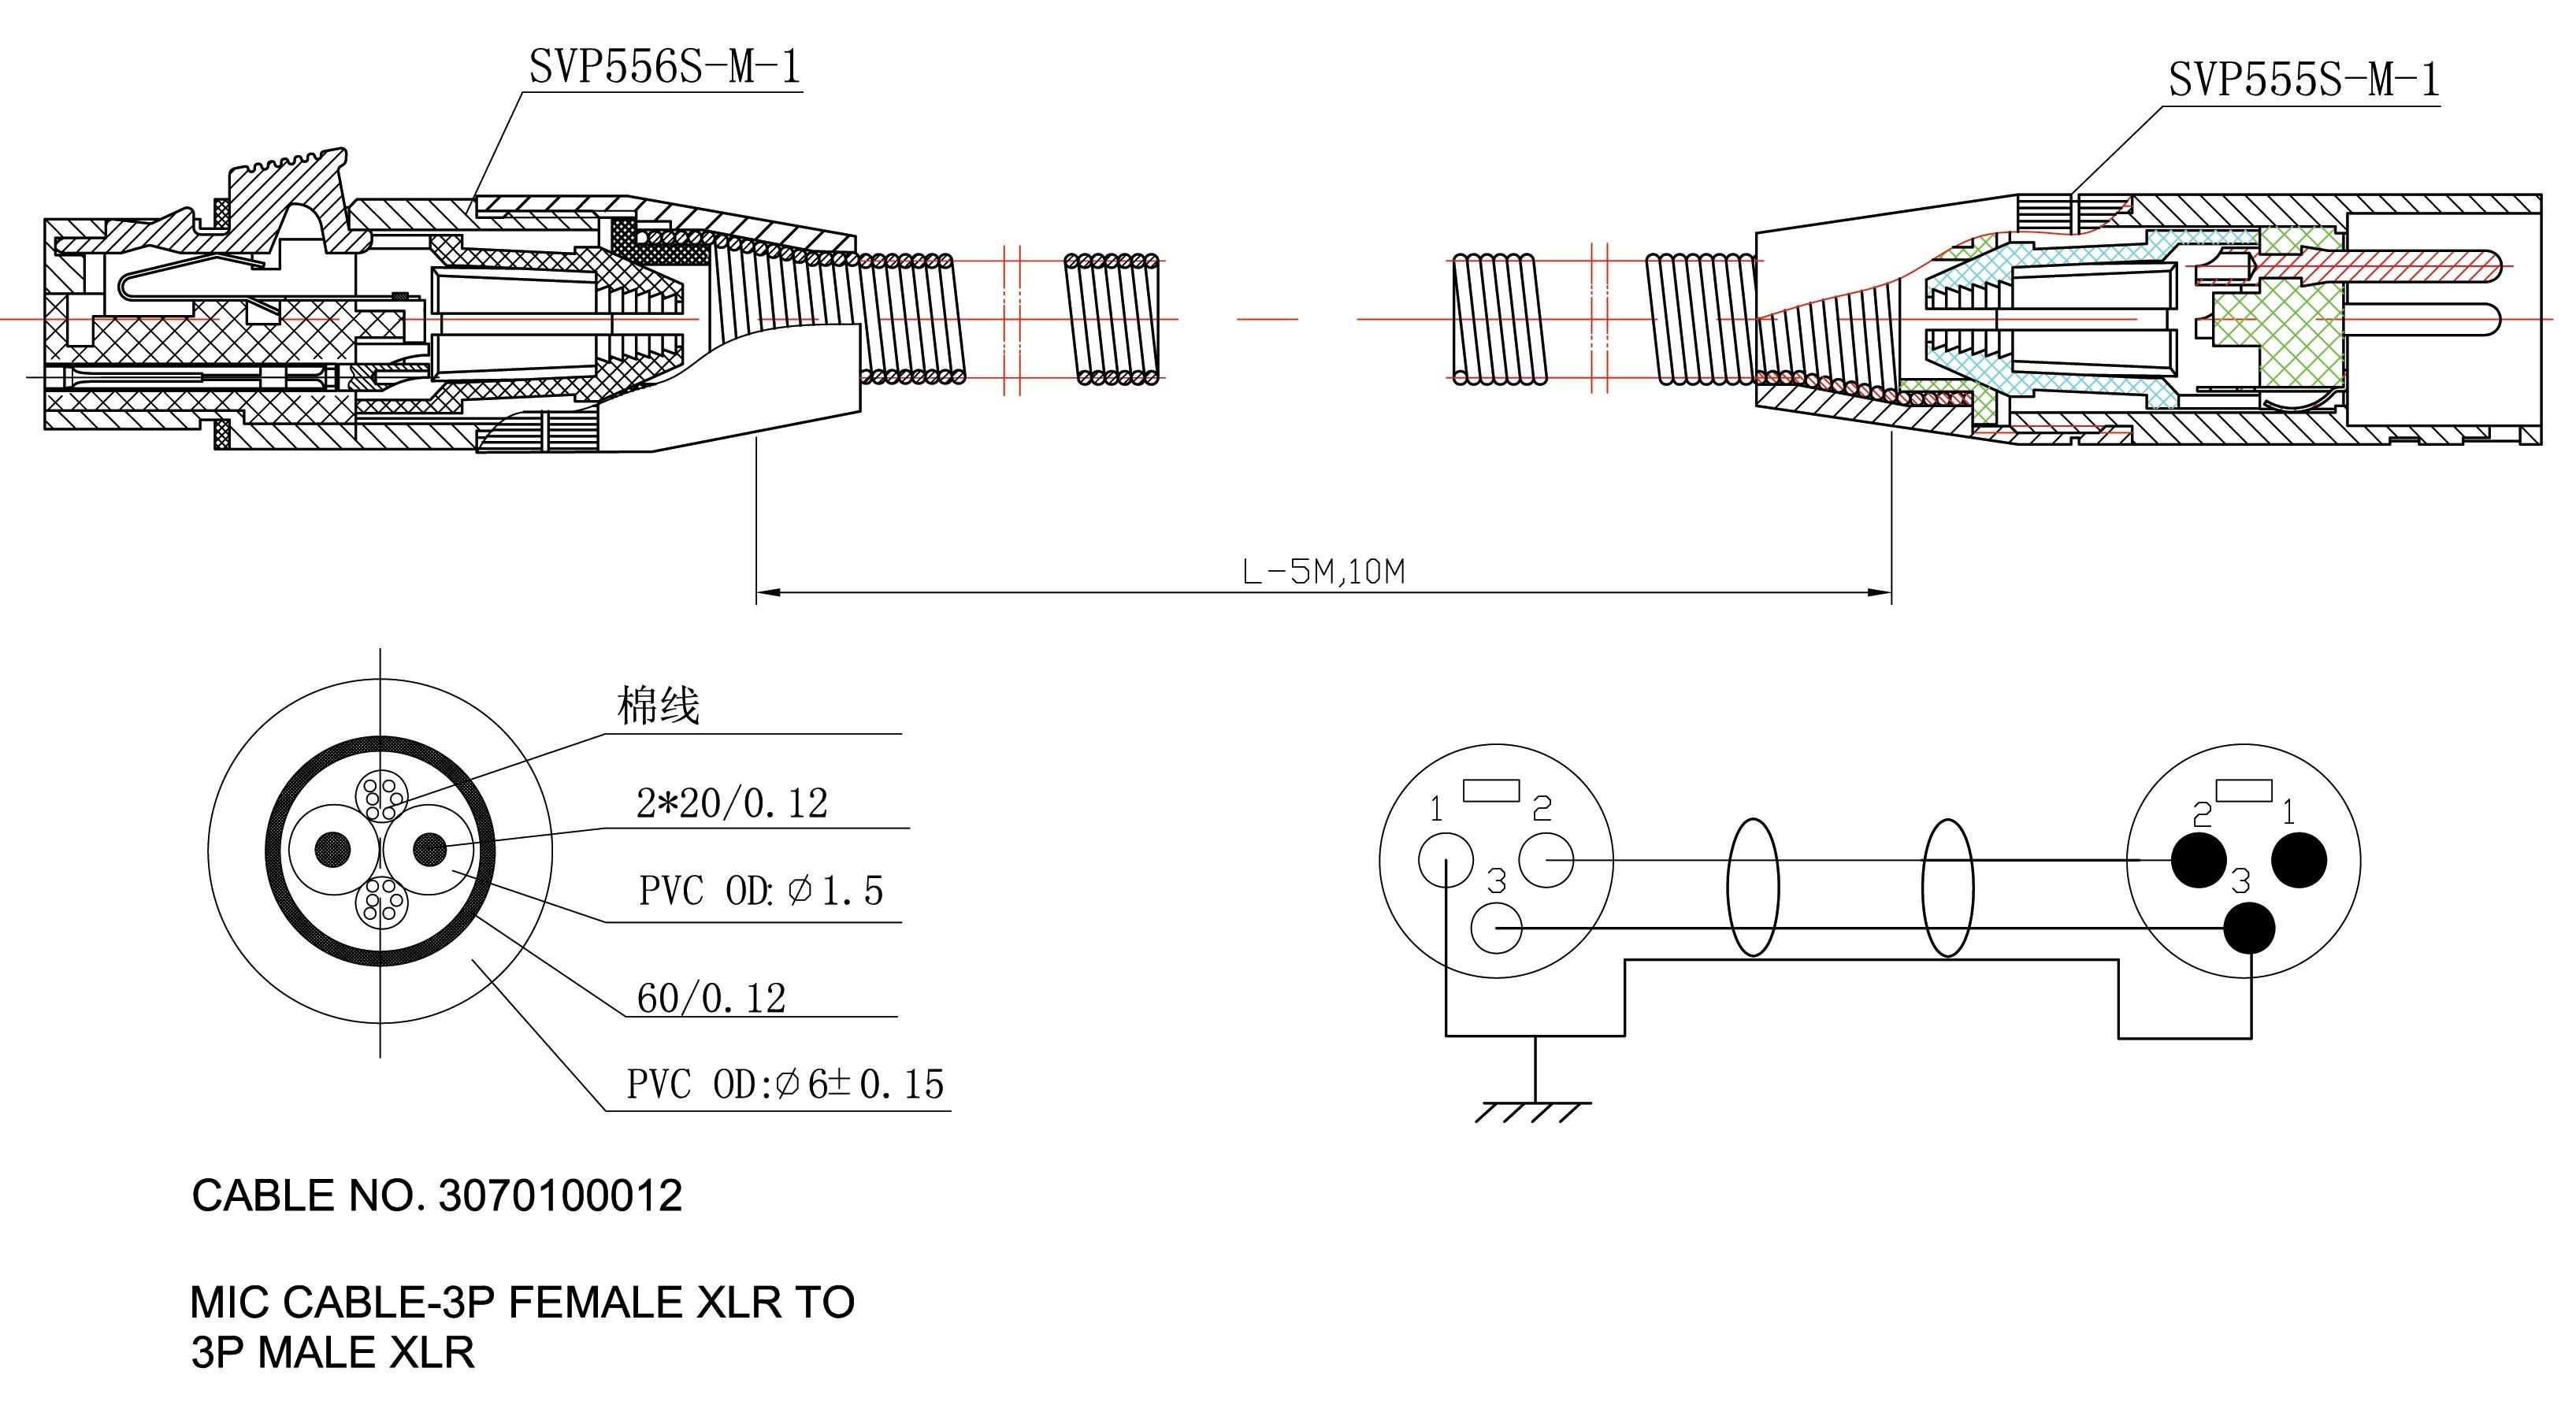 Small Engine Repair Diagrams Electric Motor Parts Diagram sources Of Small Engine Repair Diagrams